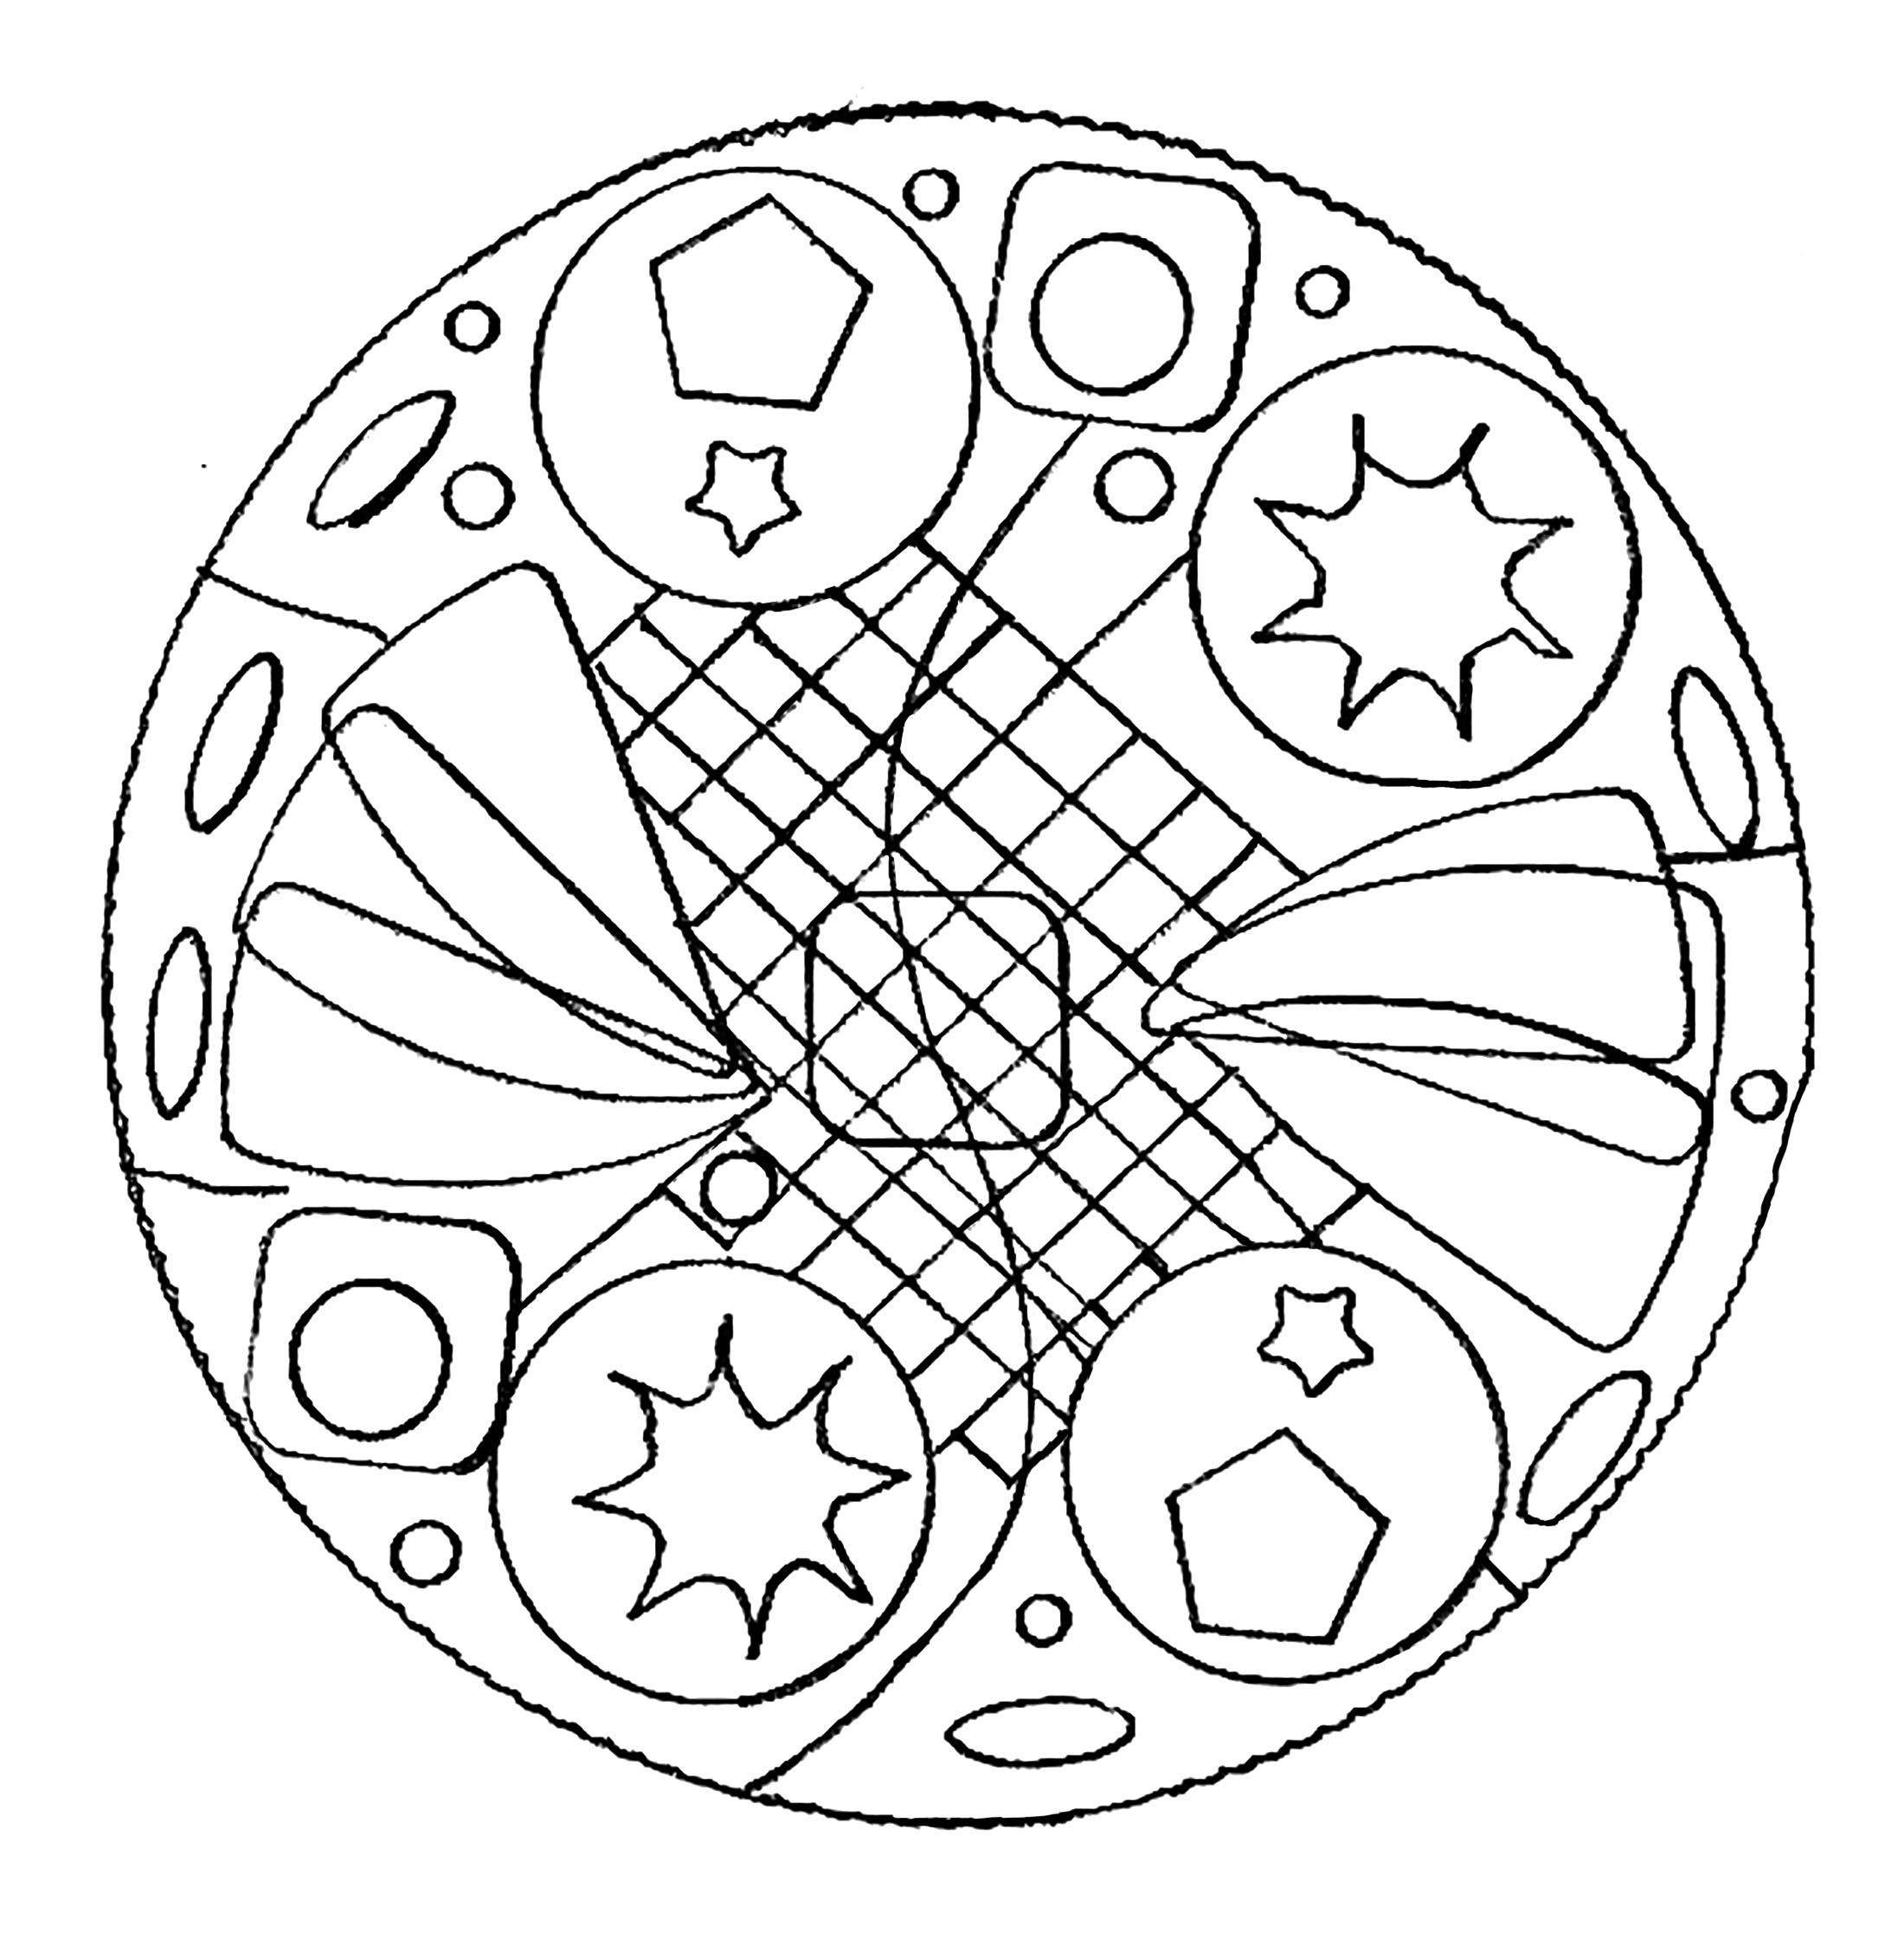 Mandala simple - Coloriage Mandalas - Coloriages pour ...